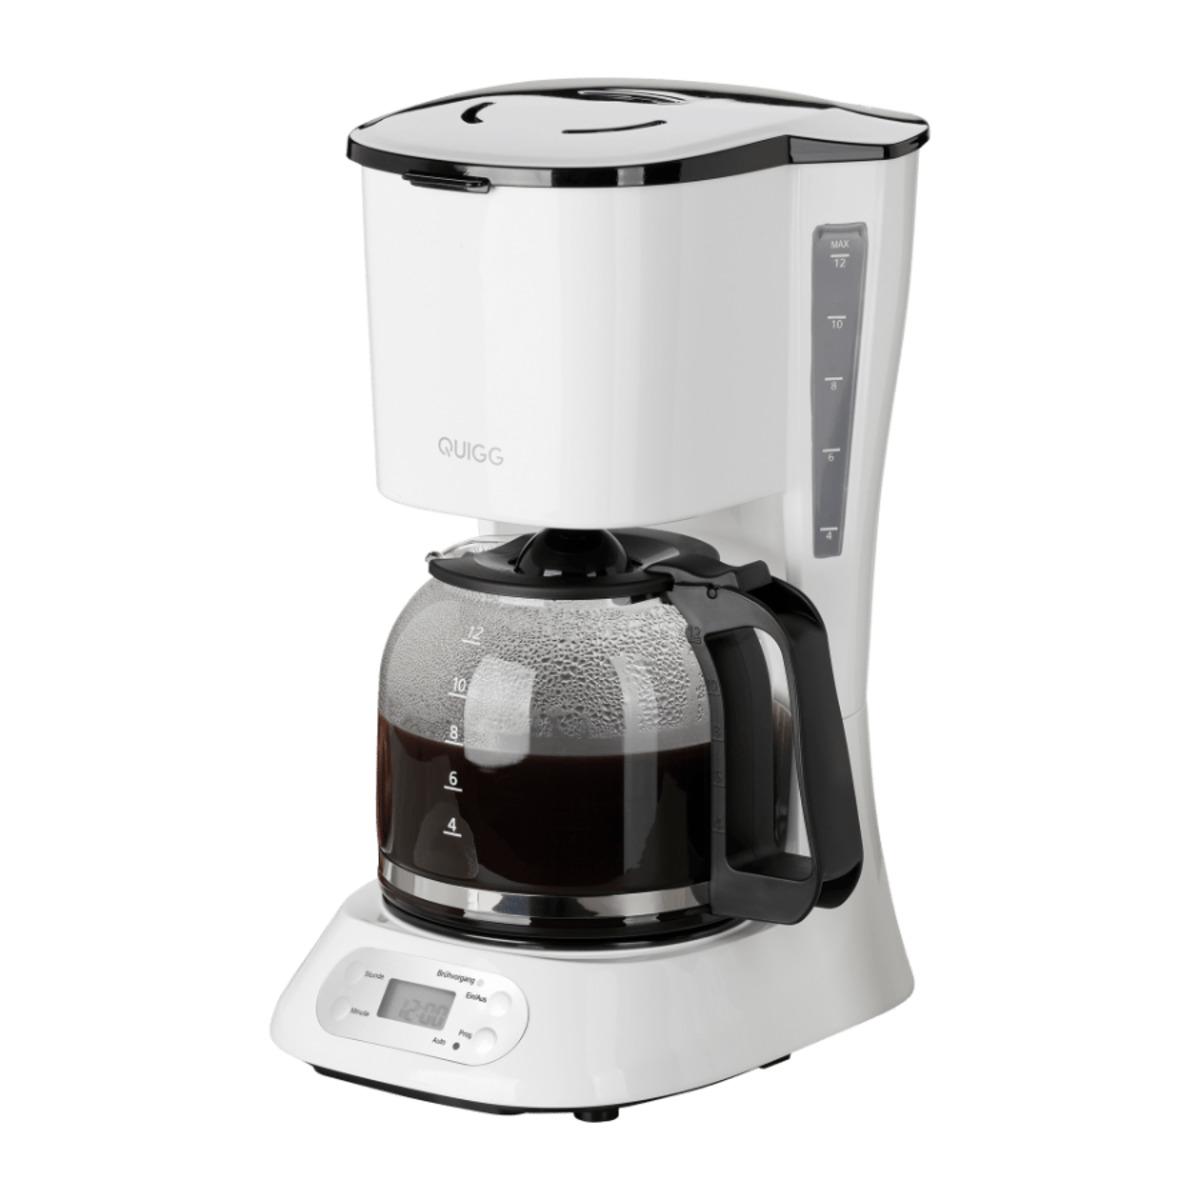 Bild 2 von QUIGG     Filter-Kaffeemaschine